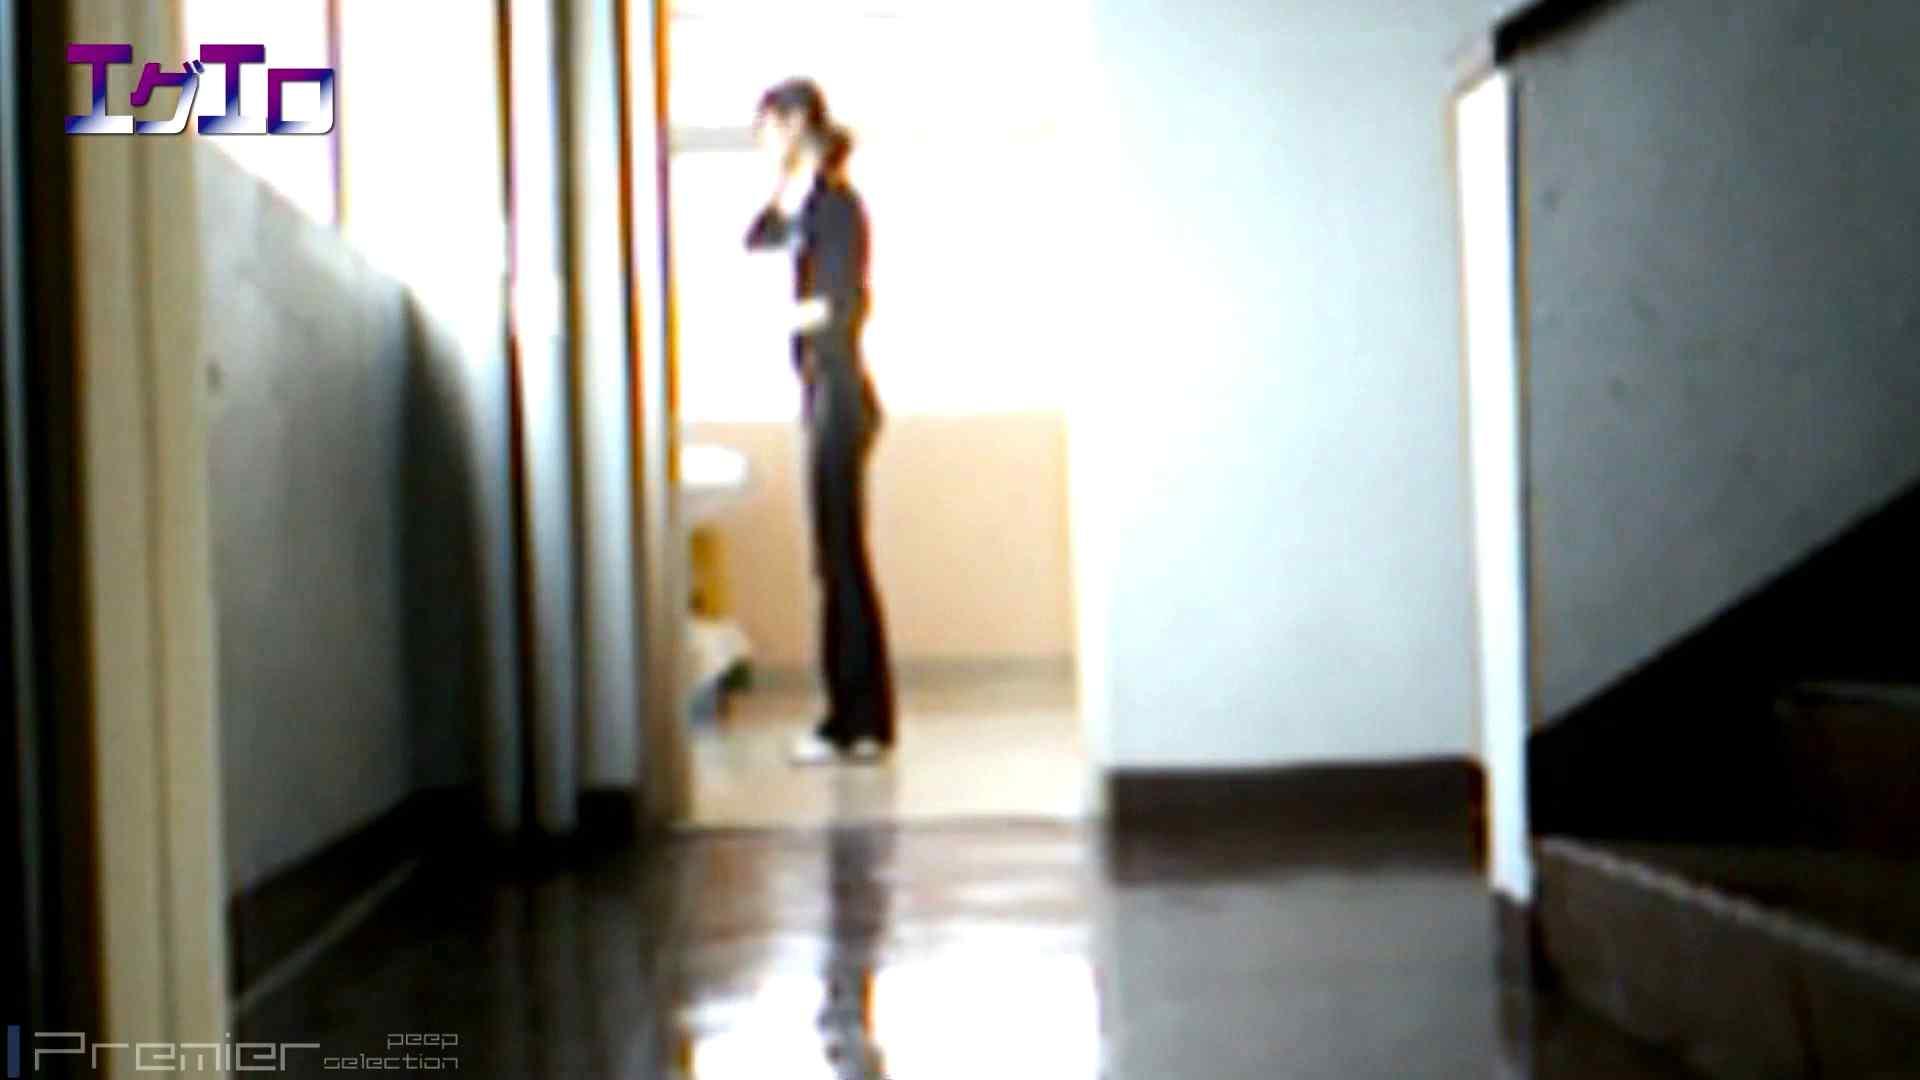 至近距離洗面所 Vol.10ブルージーンズギャルの大放nyo 洗面所 エロ画像 59pic 11